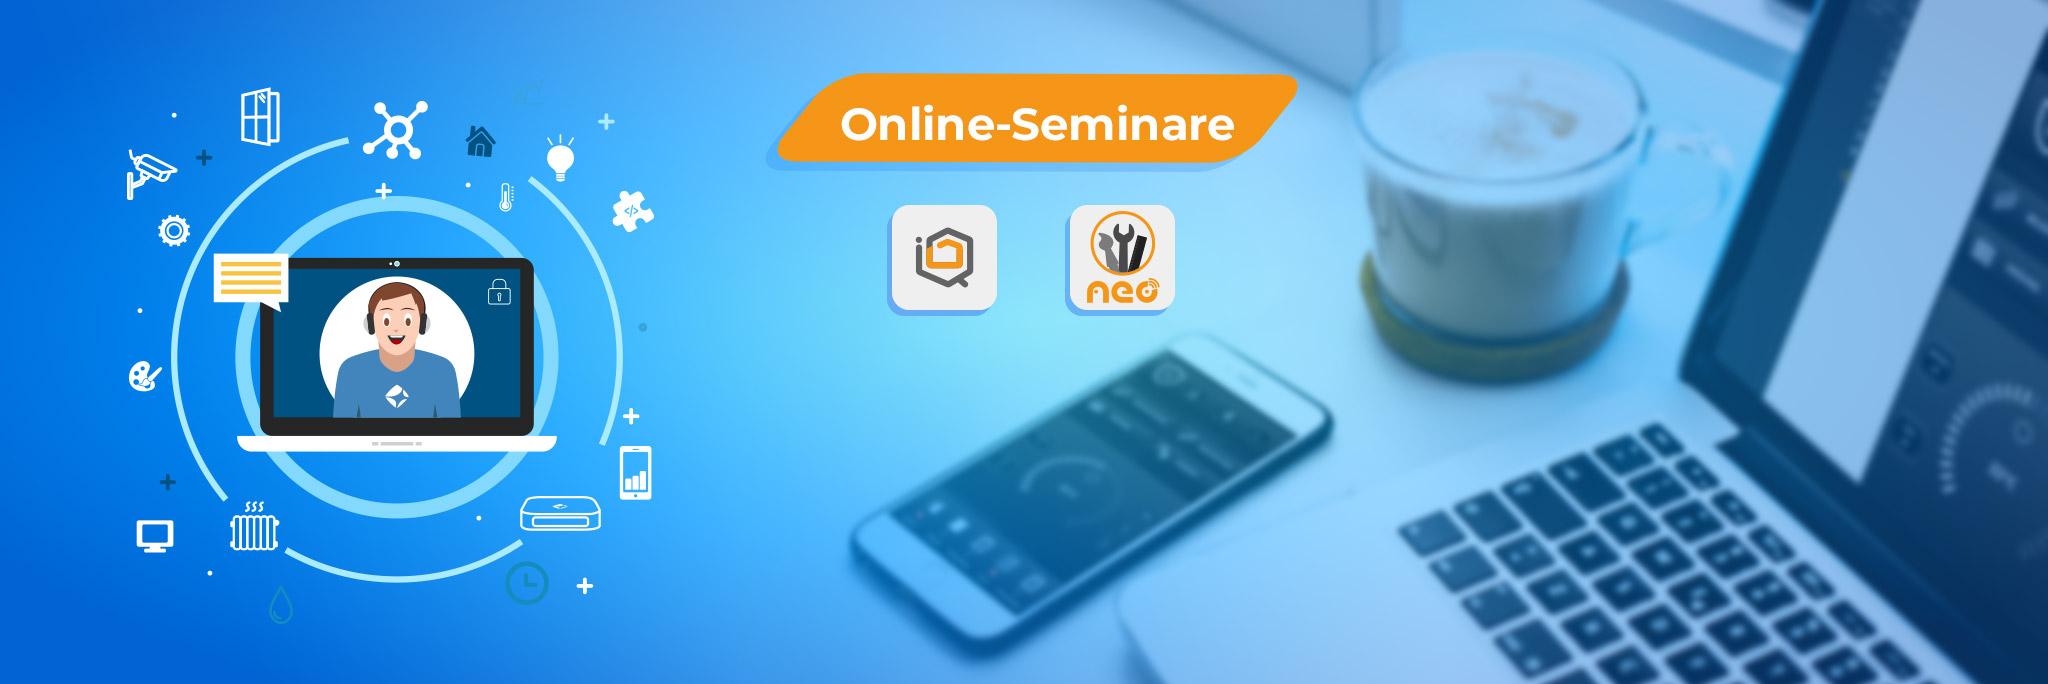 online seminare header - smart home mit mediola